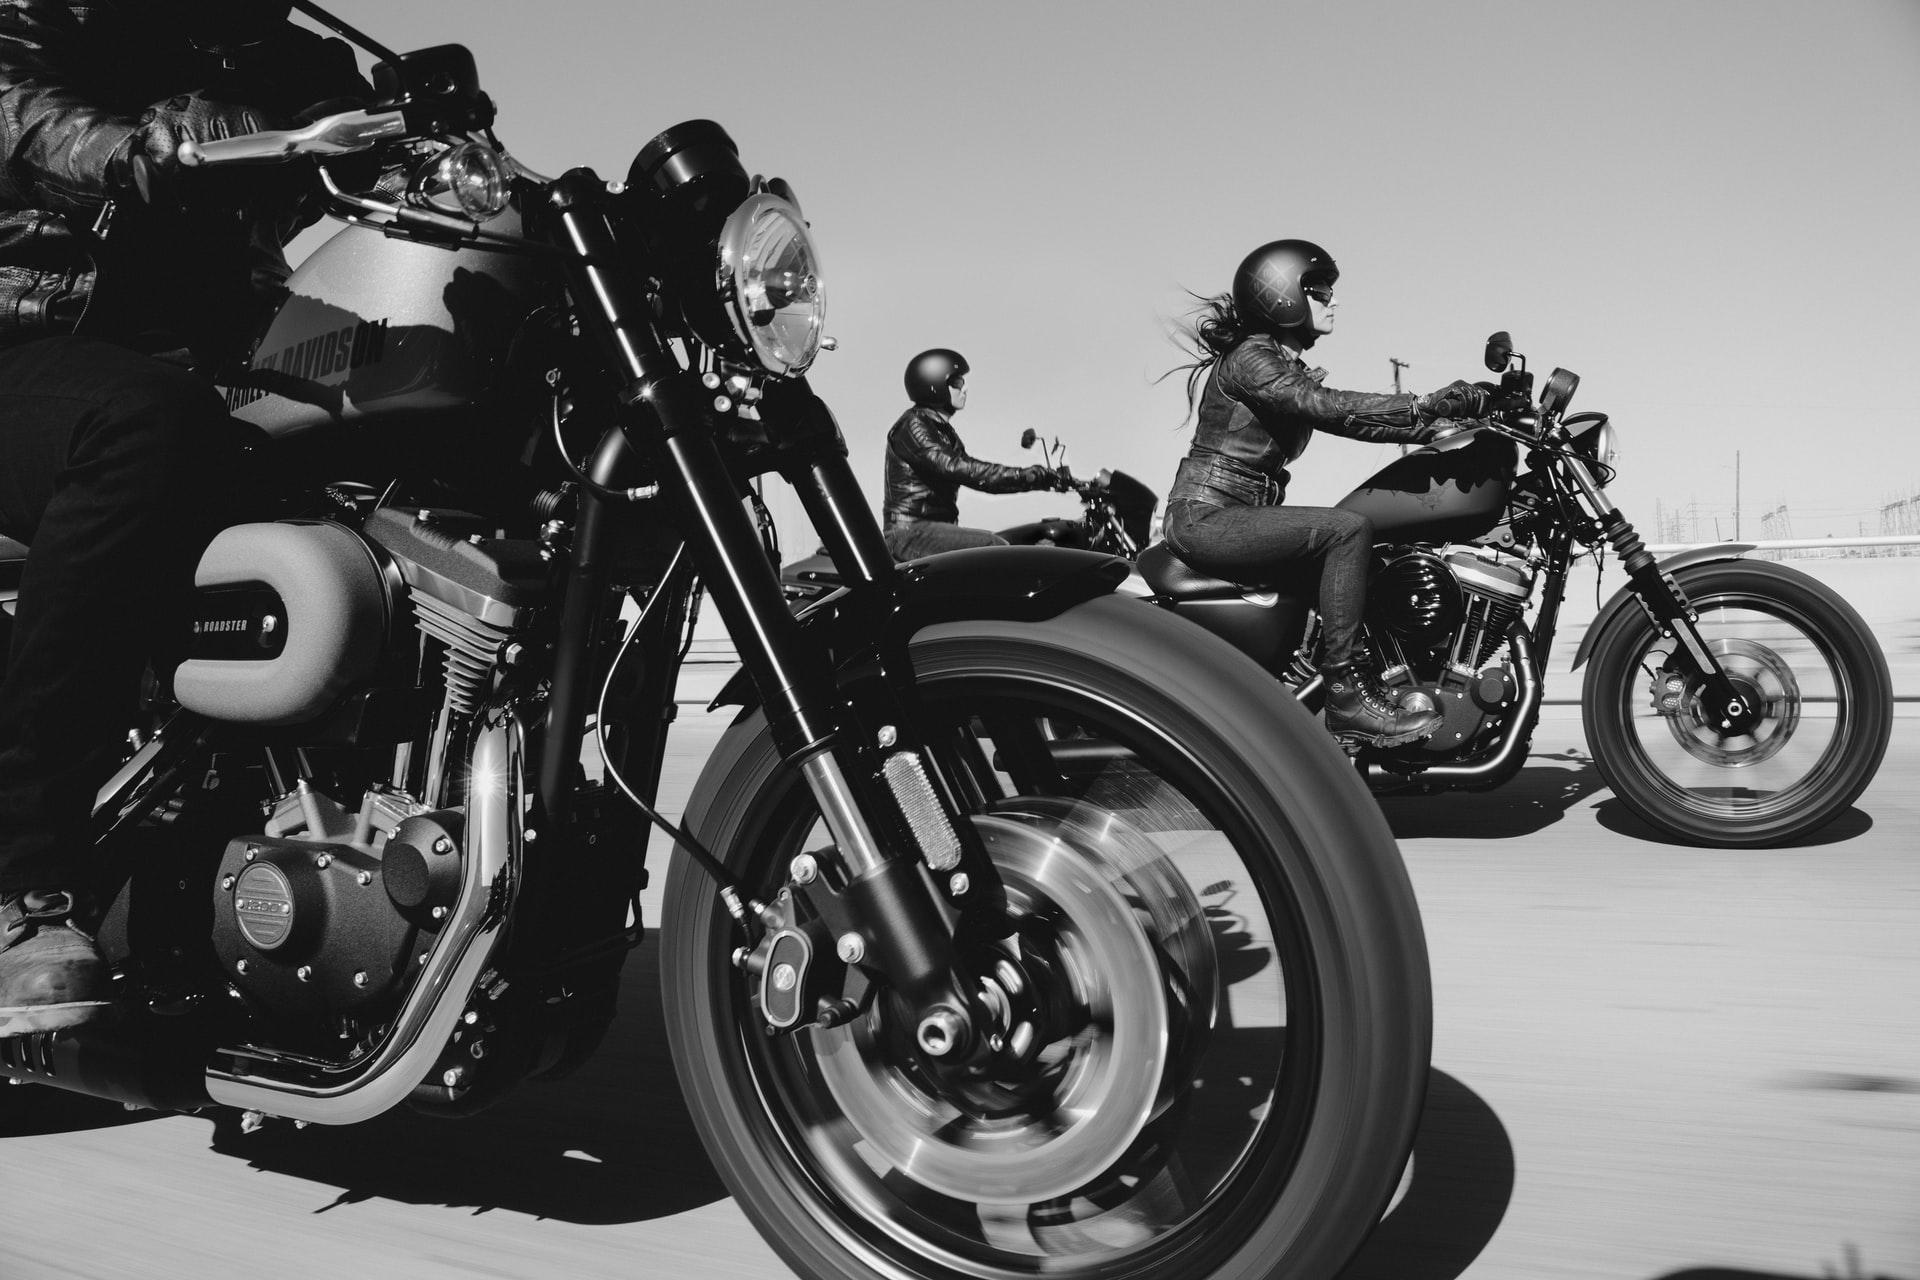 top case sur votre moto,